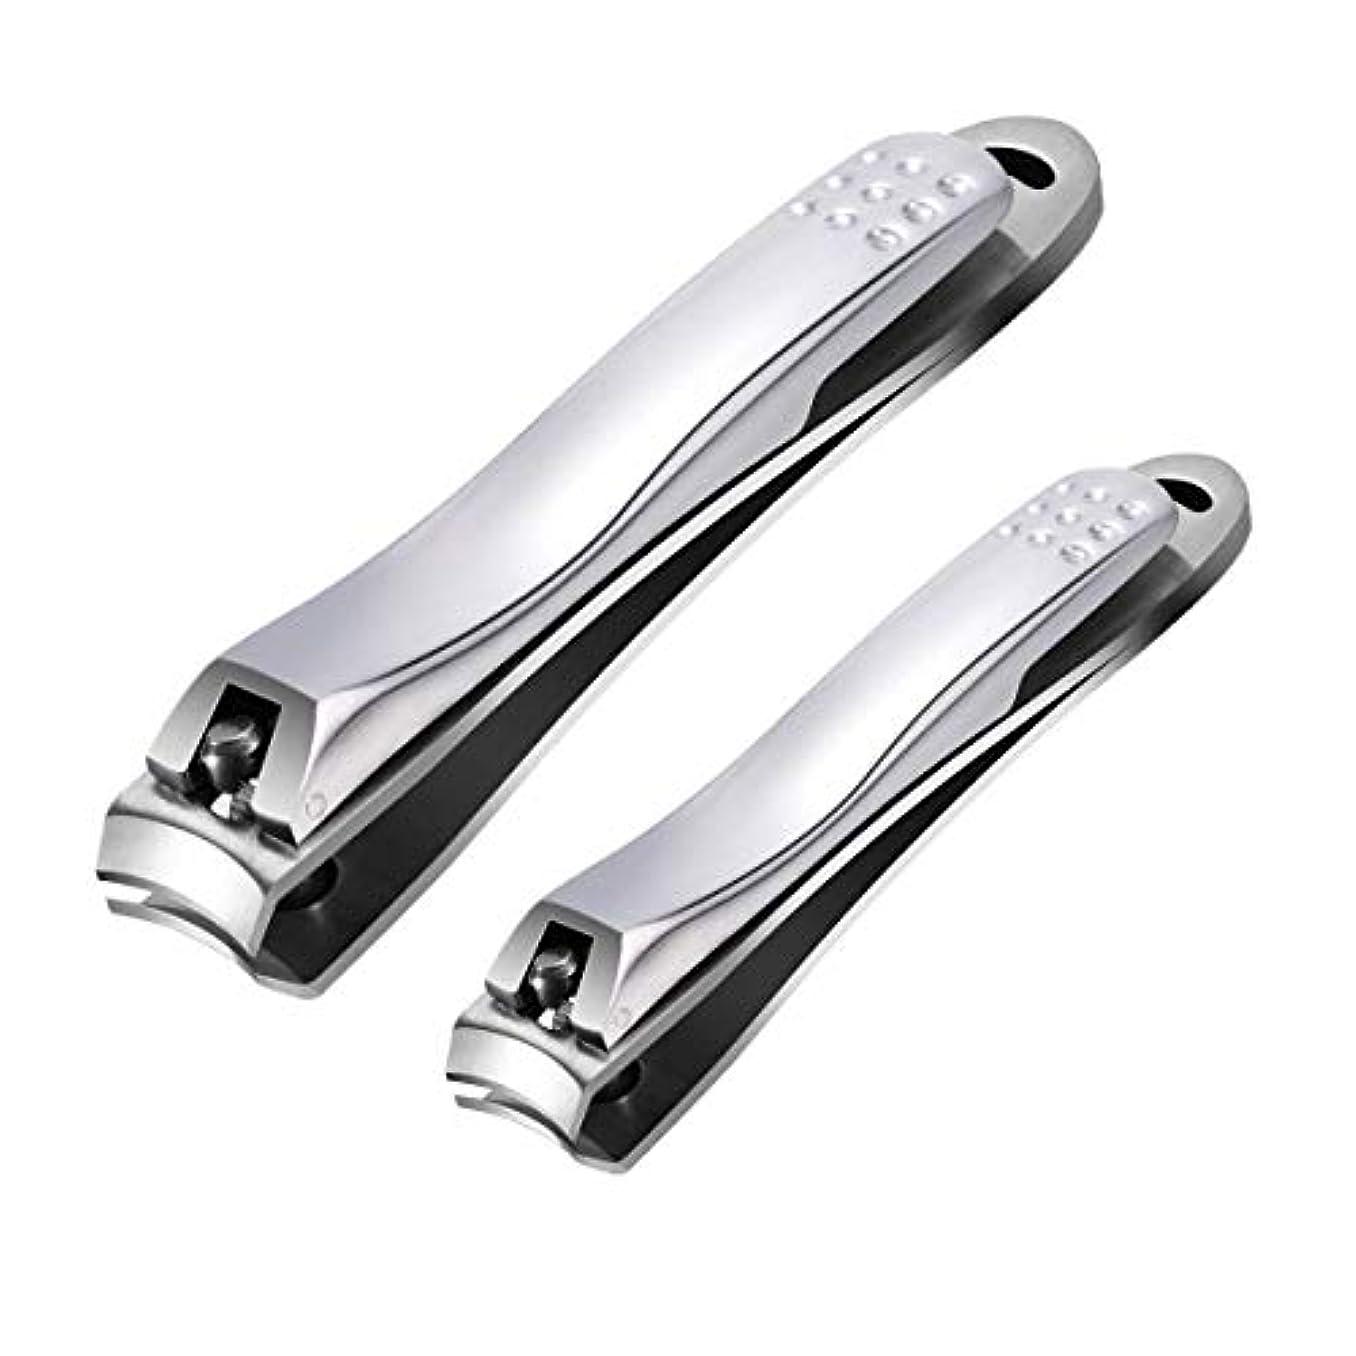 株式会社ブート支払うつめきり ステンレス製高級 爪切り 爪やすり付き 手足はがね ツメキリ 握りやすい スパット切れる レザーケース付き付属 (2サイズ)